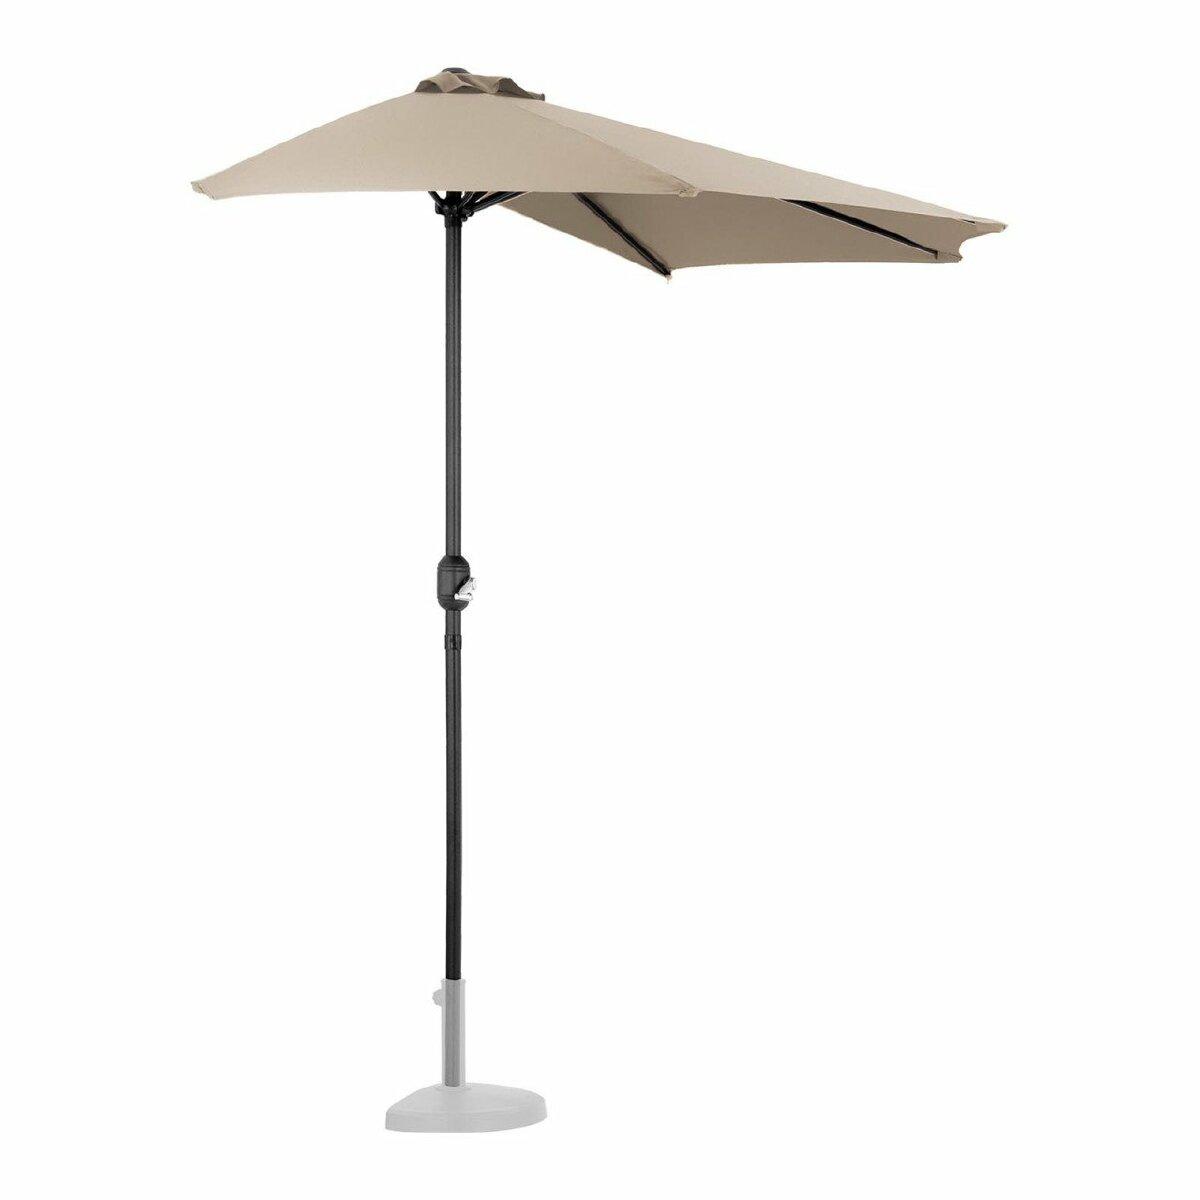 Helloshop26 Demi parasol de jardin meuble abri terrasse pentagonal 270 x 135 cm crème 14_0001340